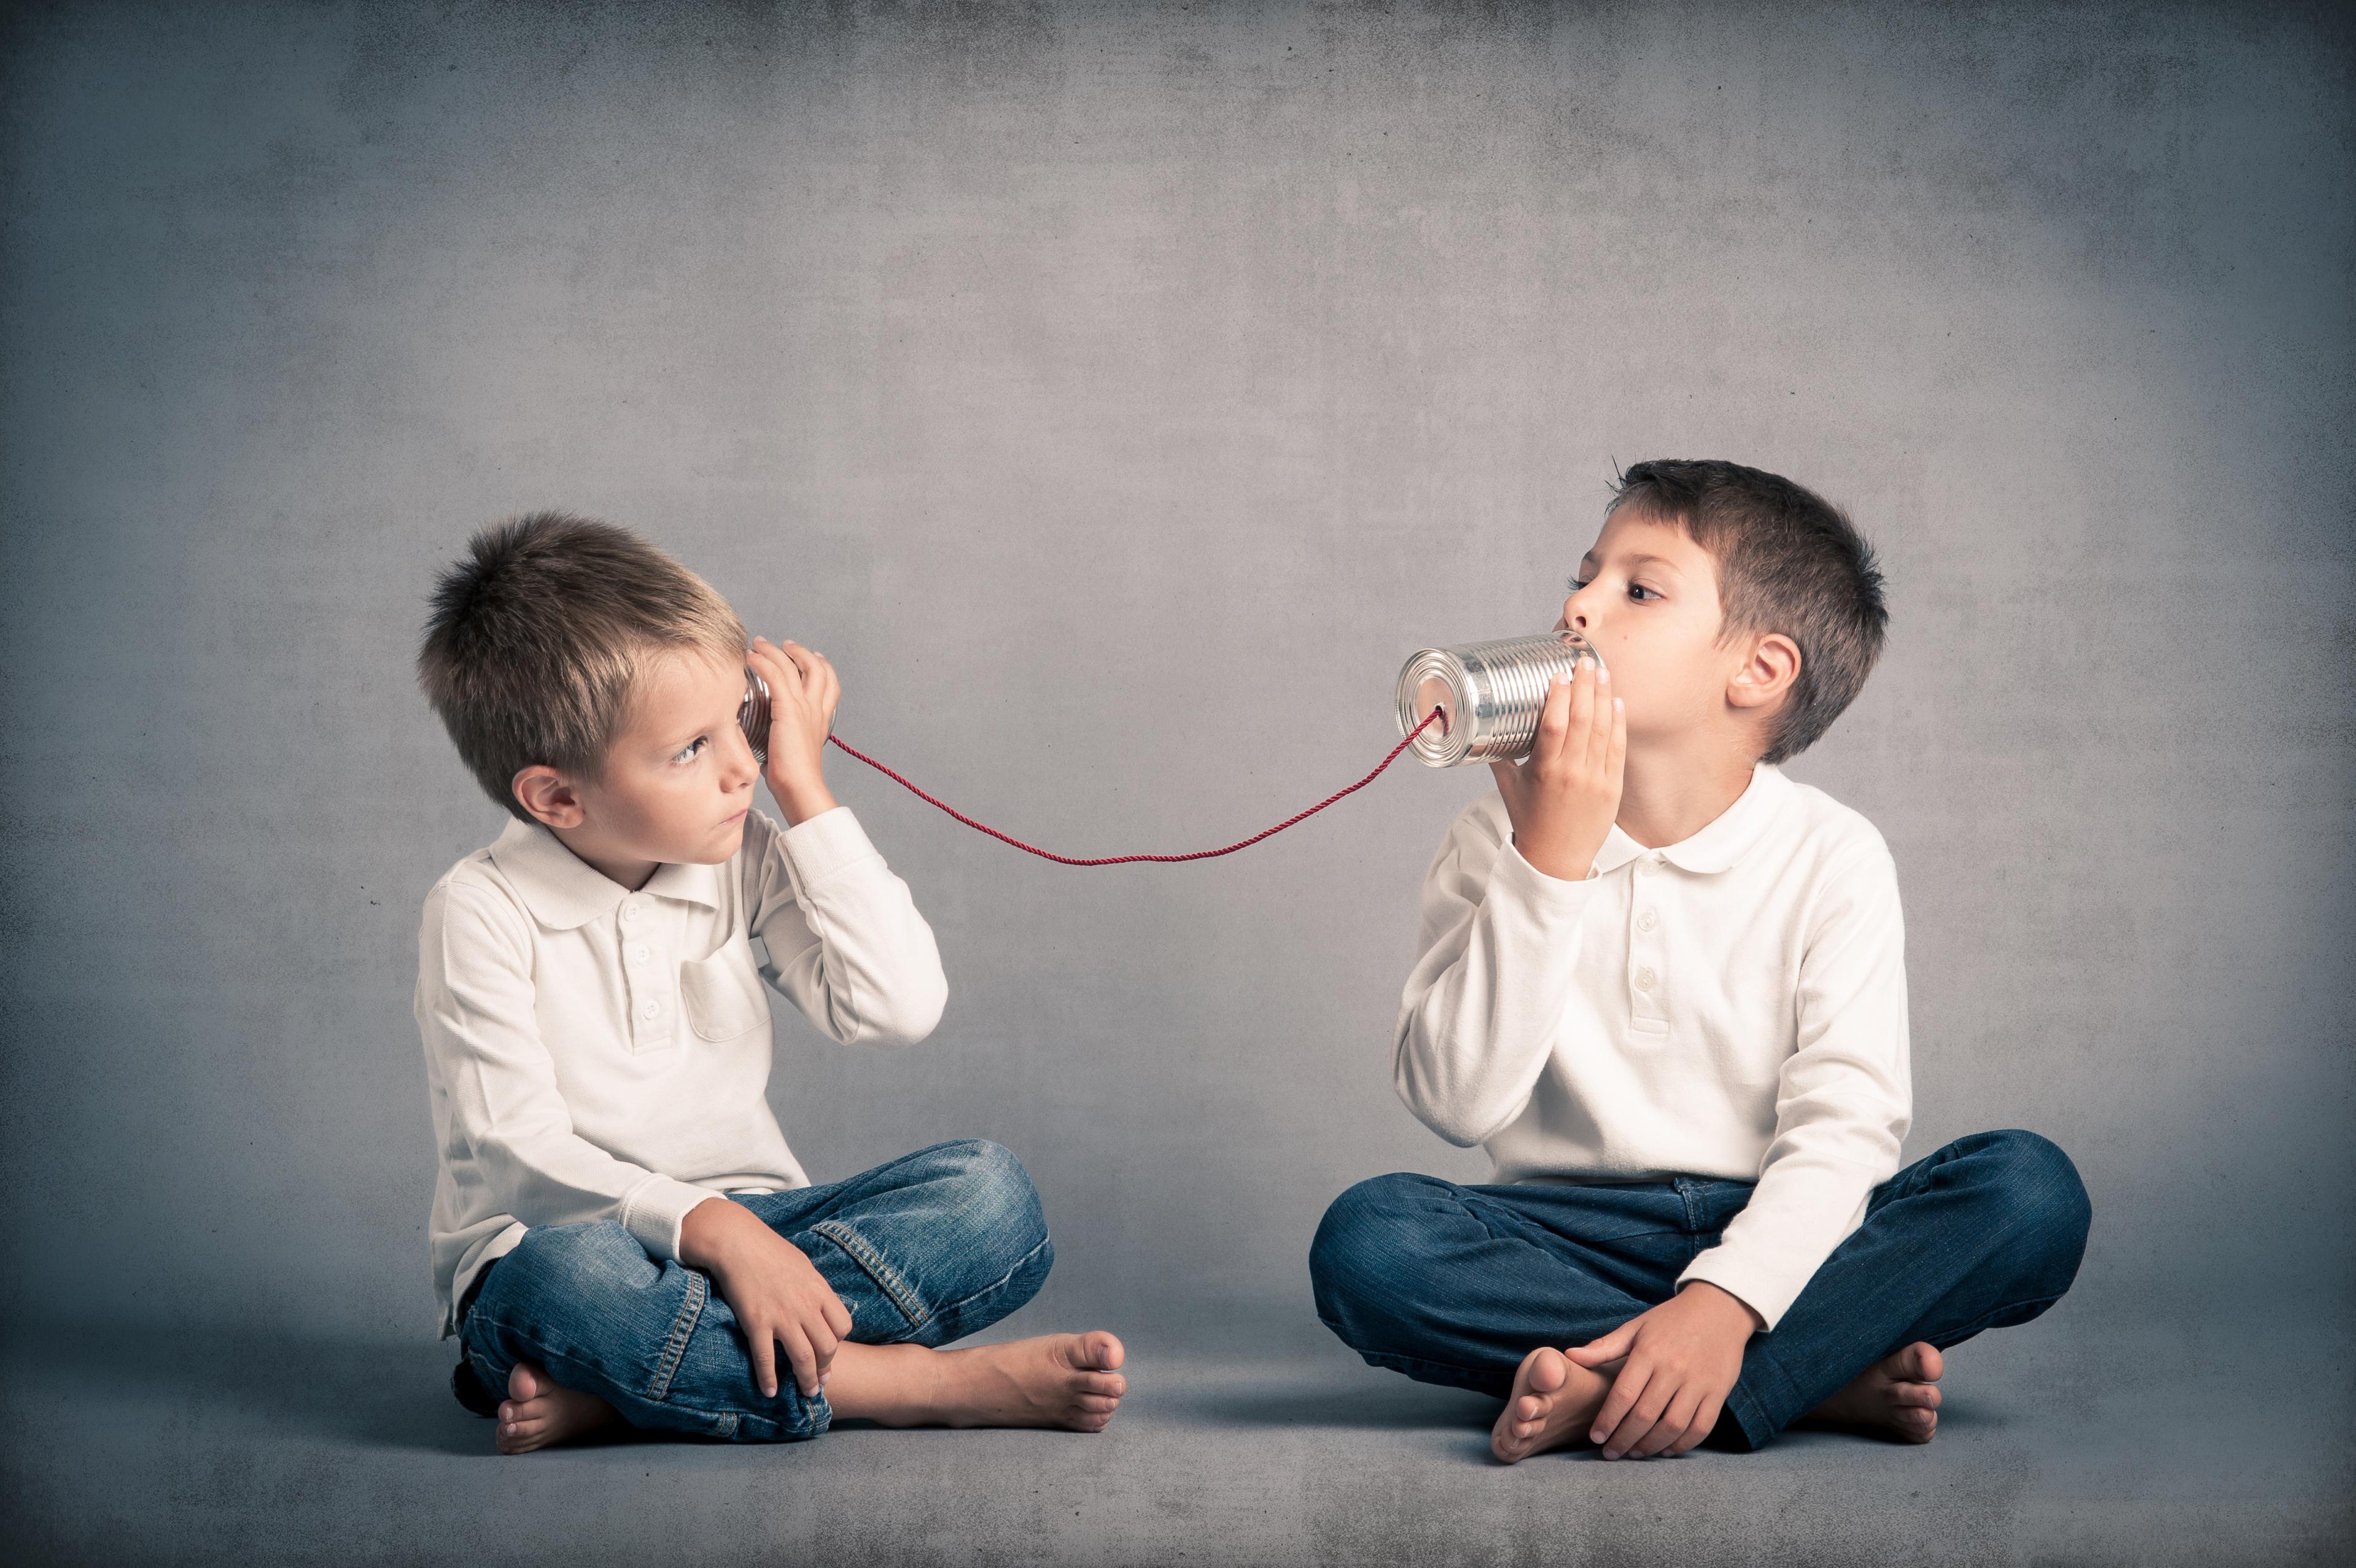 kids, playing, communication